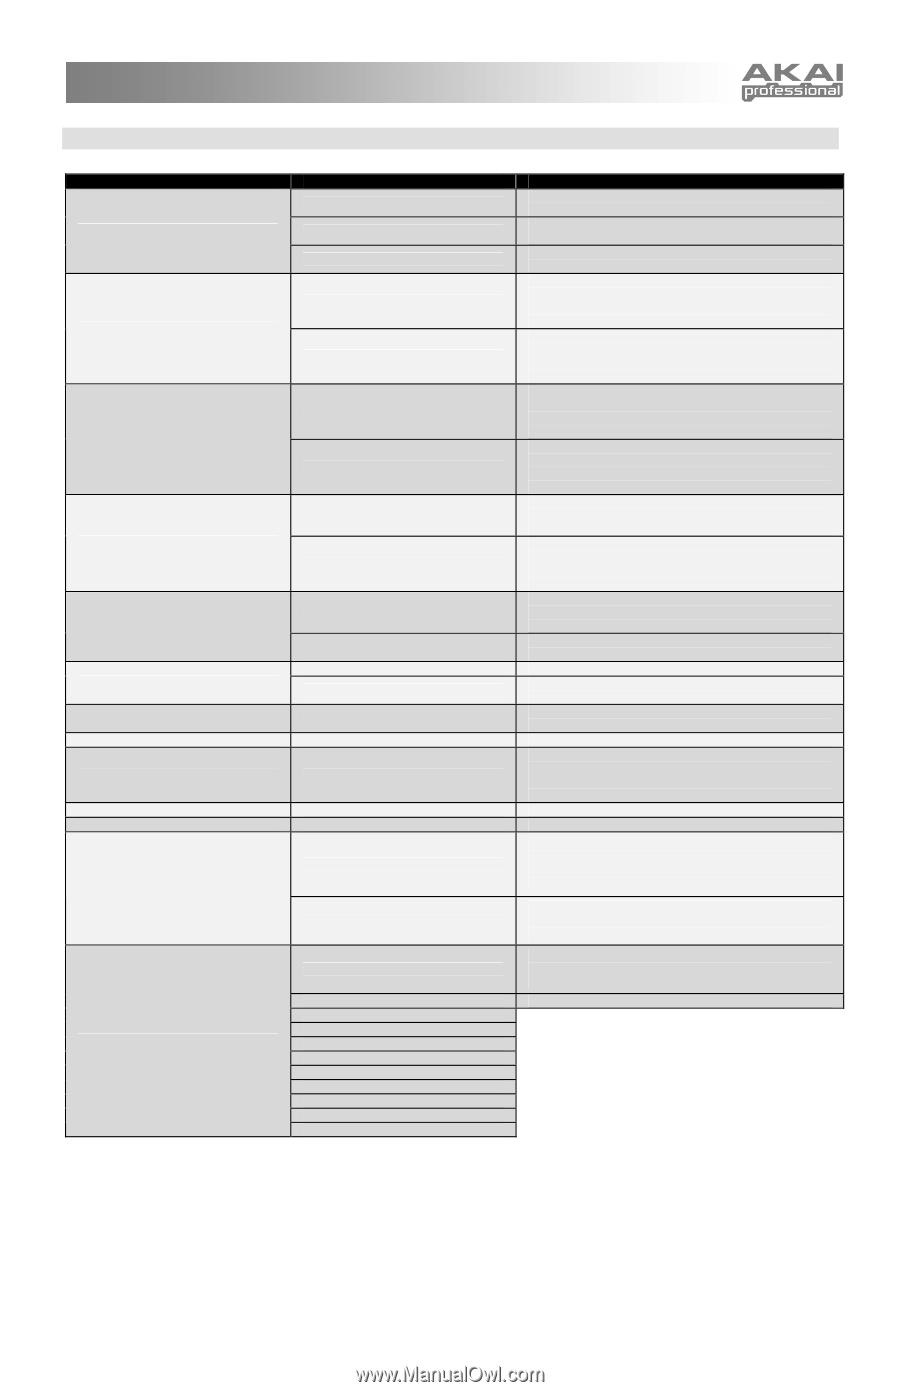 Akai MPK49   Operation Manual - Page 13